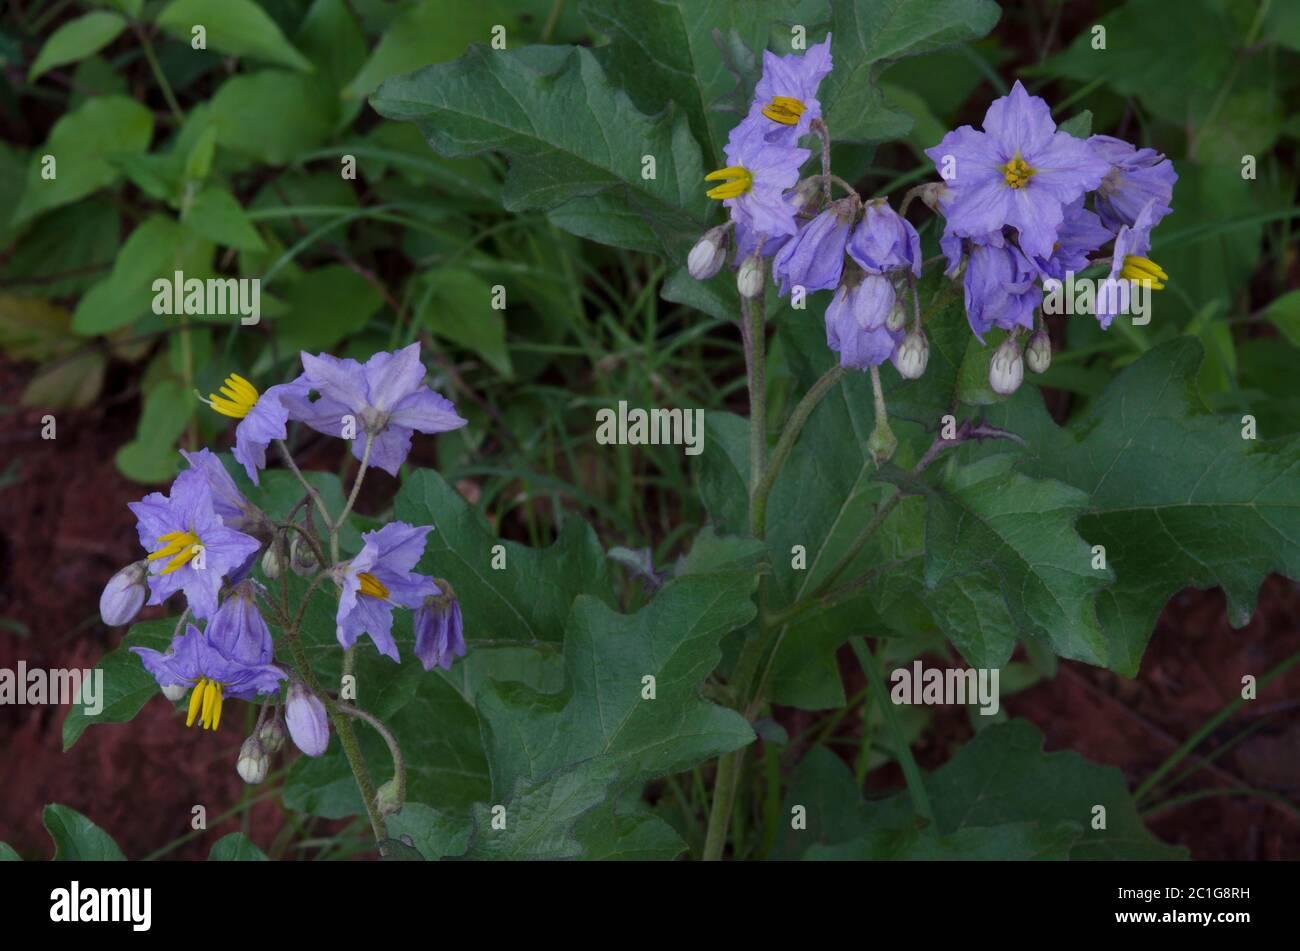 Sombra nocturna, Solanum sp. Foto de stock